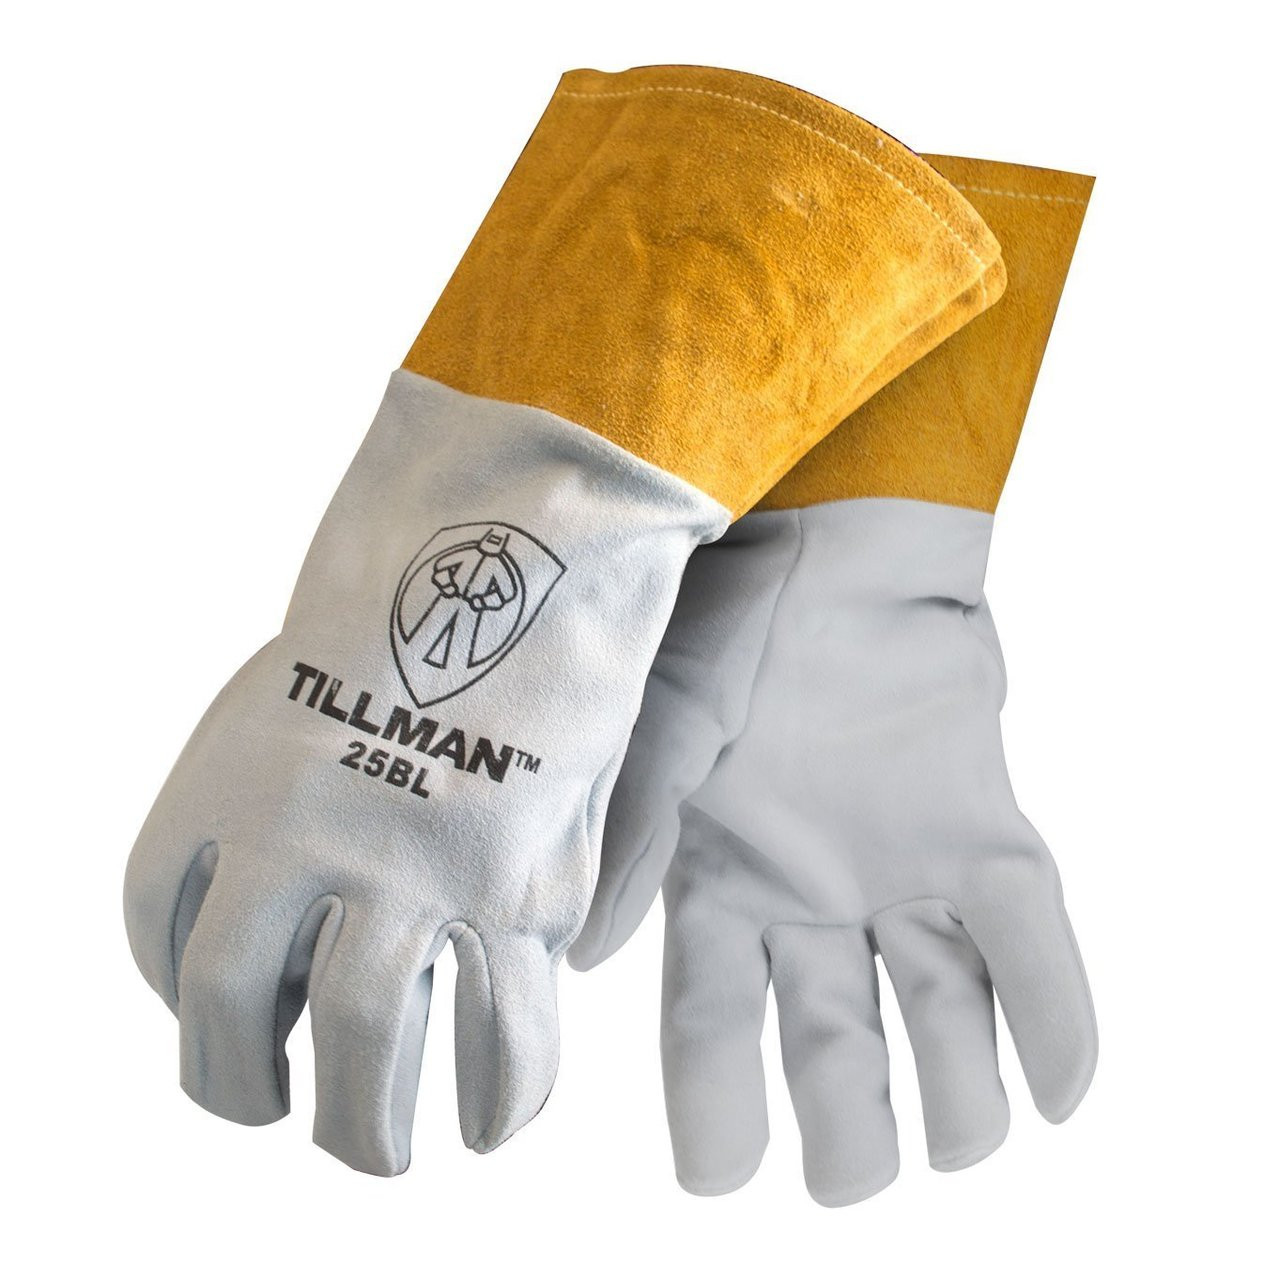 Tillman Welding Gloves 50L